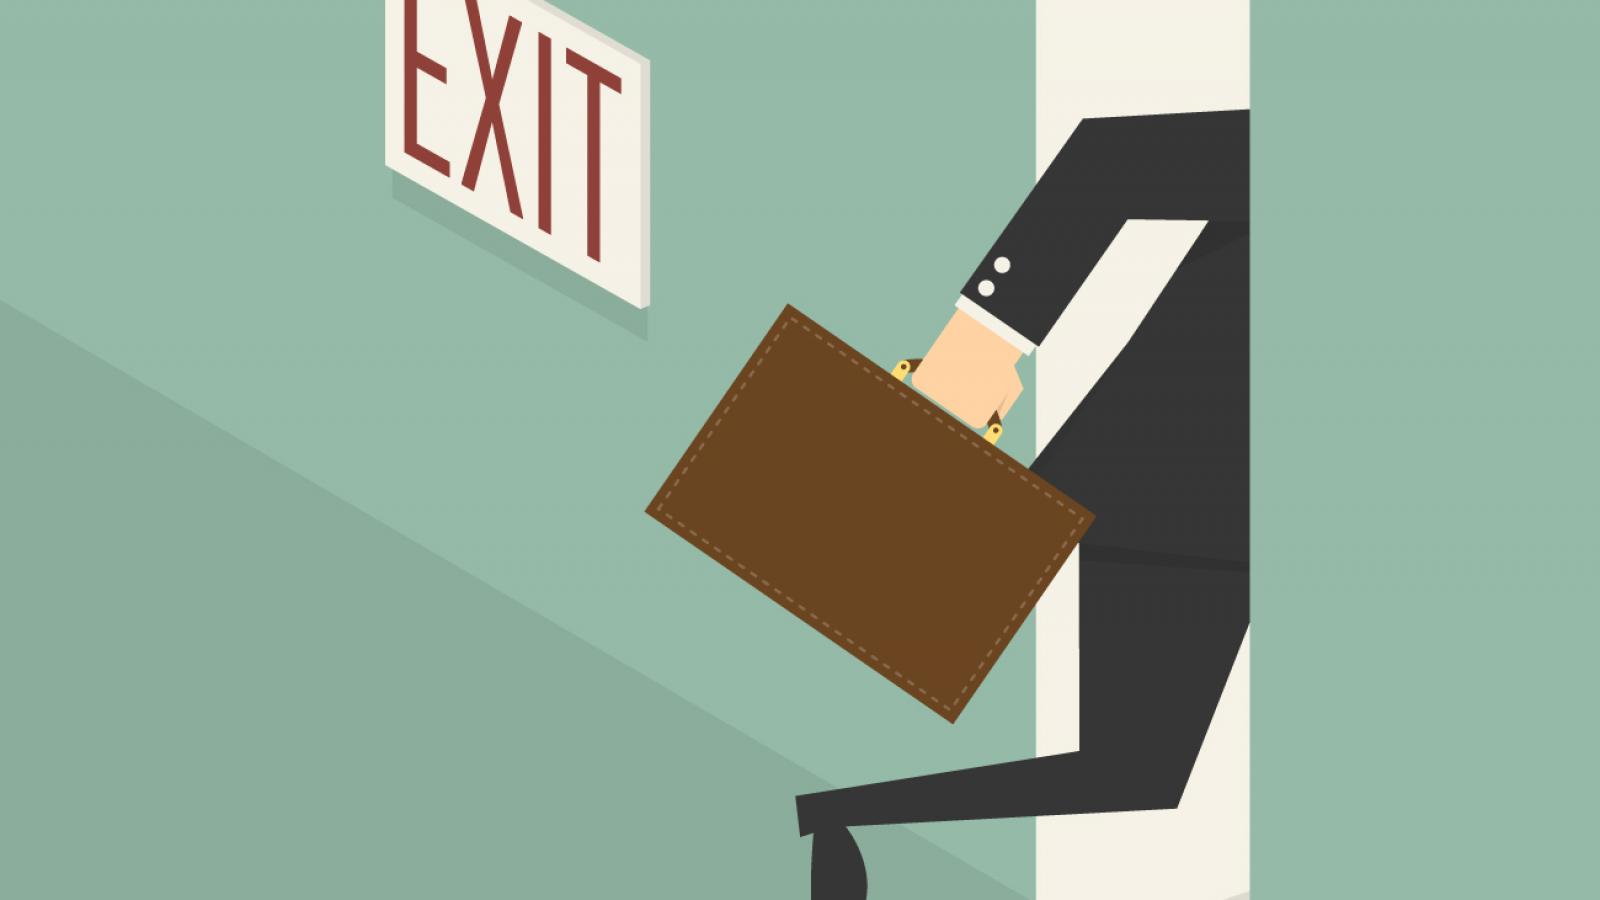 exit-nedir